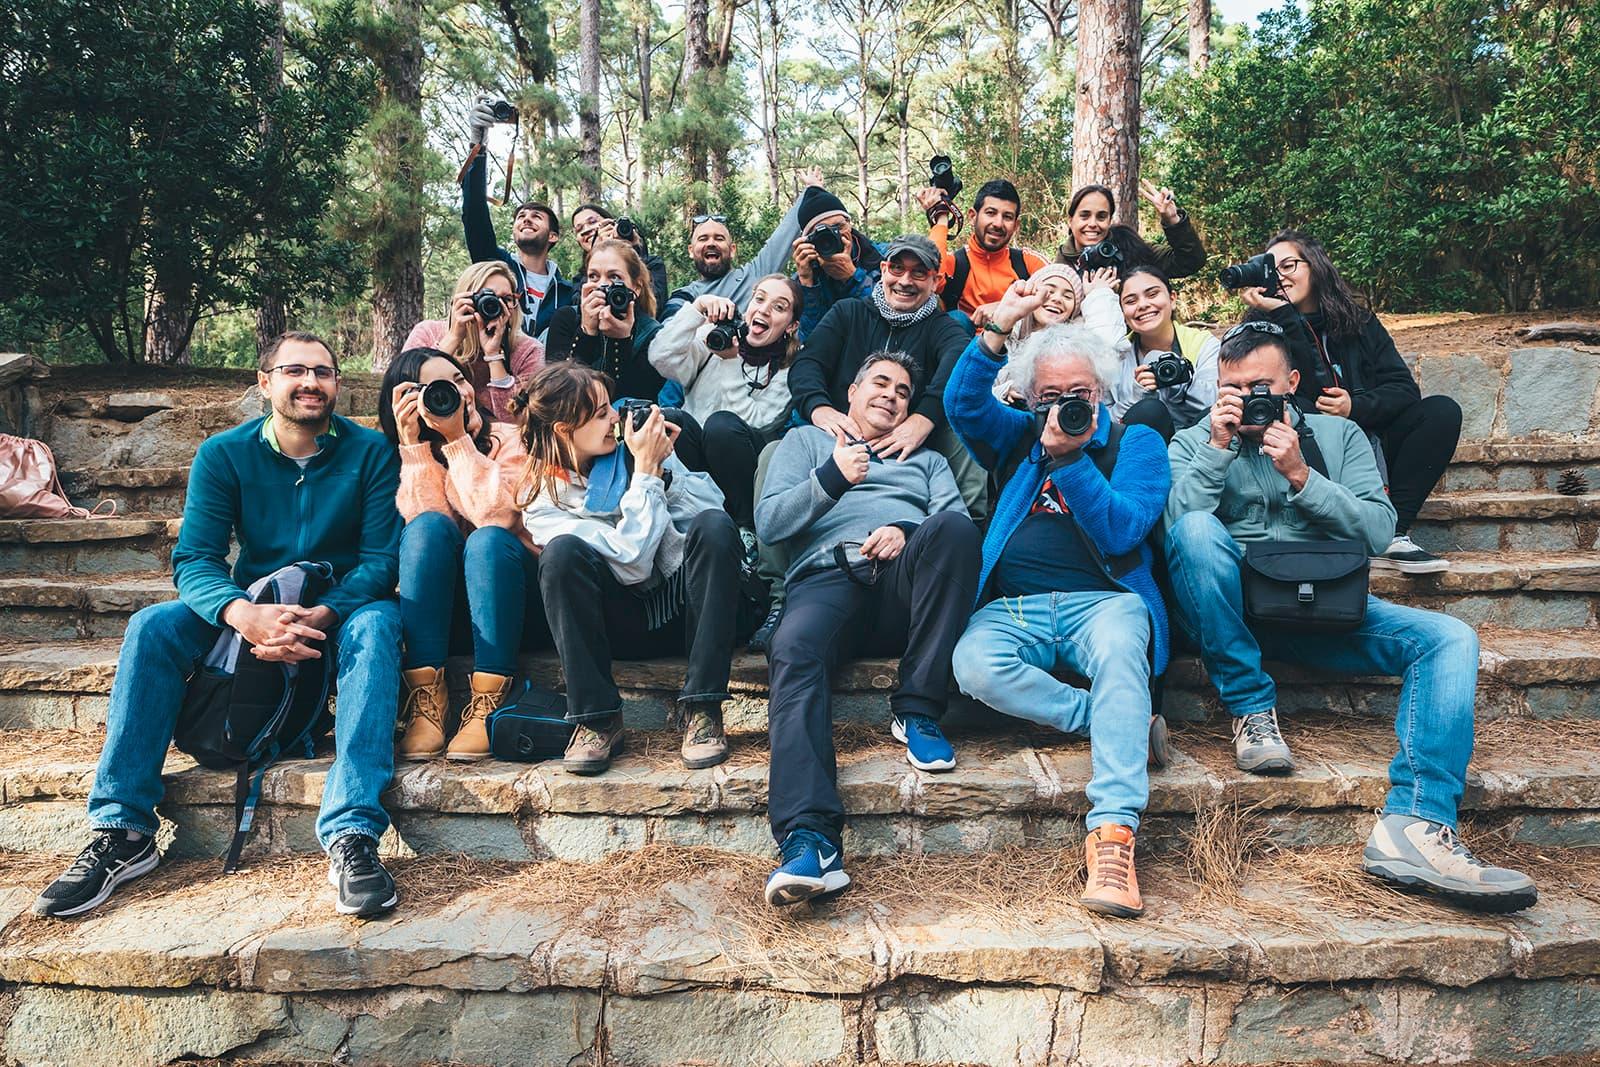 Grupo curso fotografía Tenerife Enero 2020